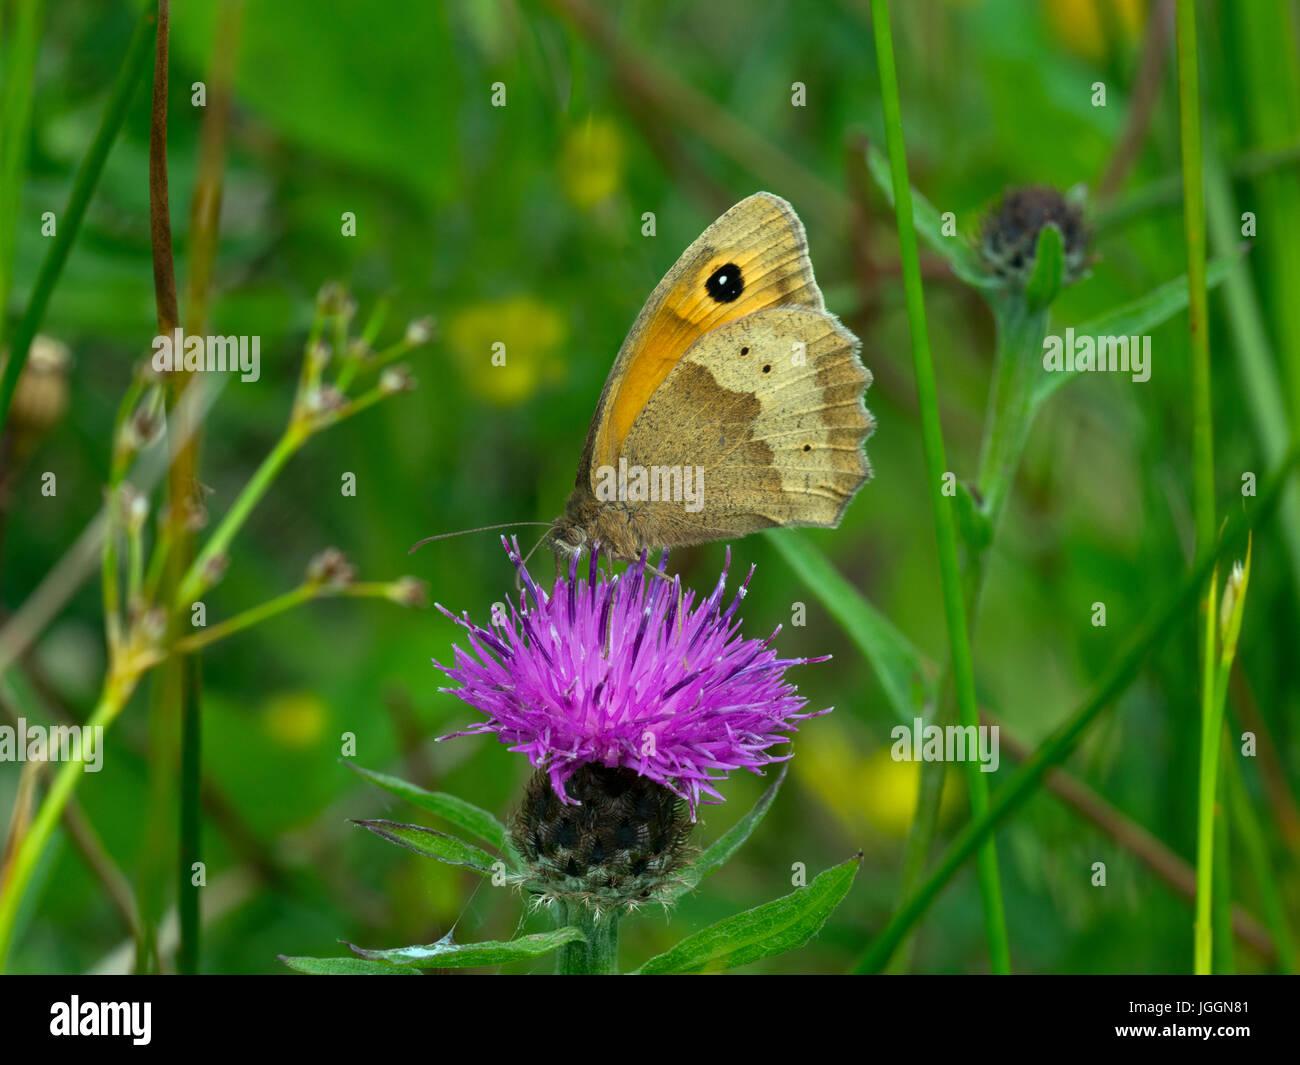 Prato farfalla marrone Maniola jurtina alimentazione fiordaliso sulla natura locale riserva Norfolk Immagini Stock